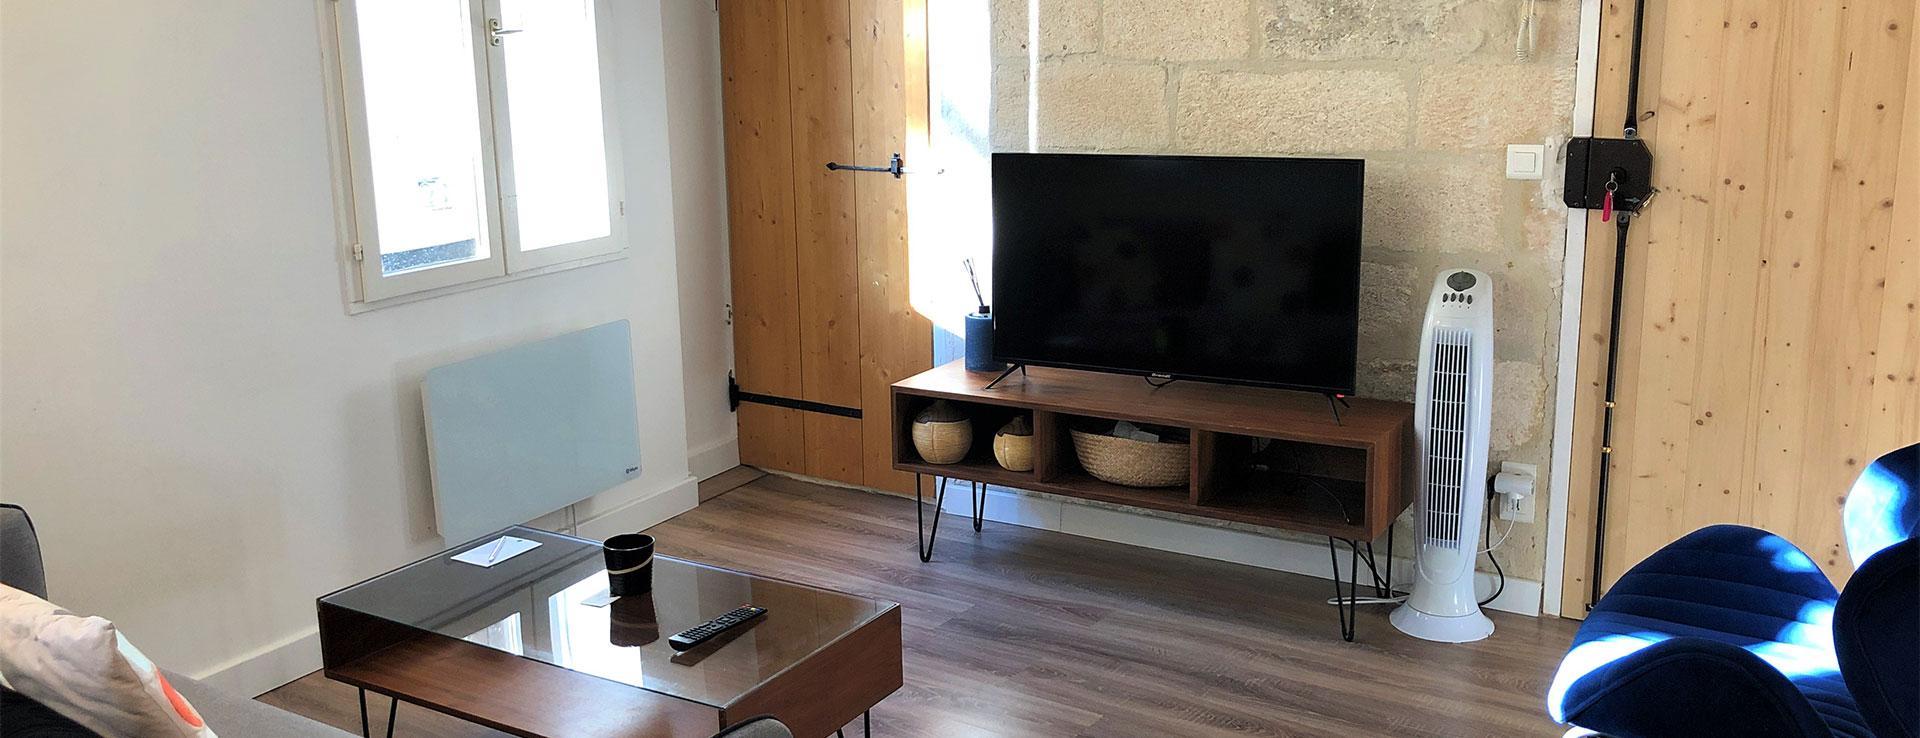 Appartement le moulin d'Avignon 7